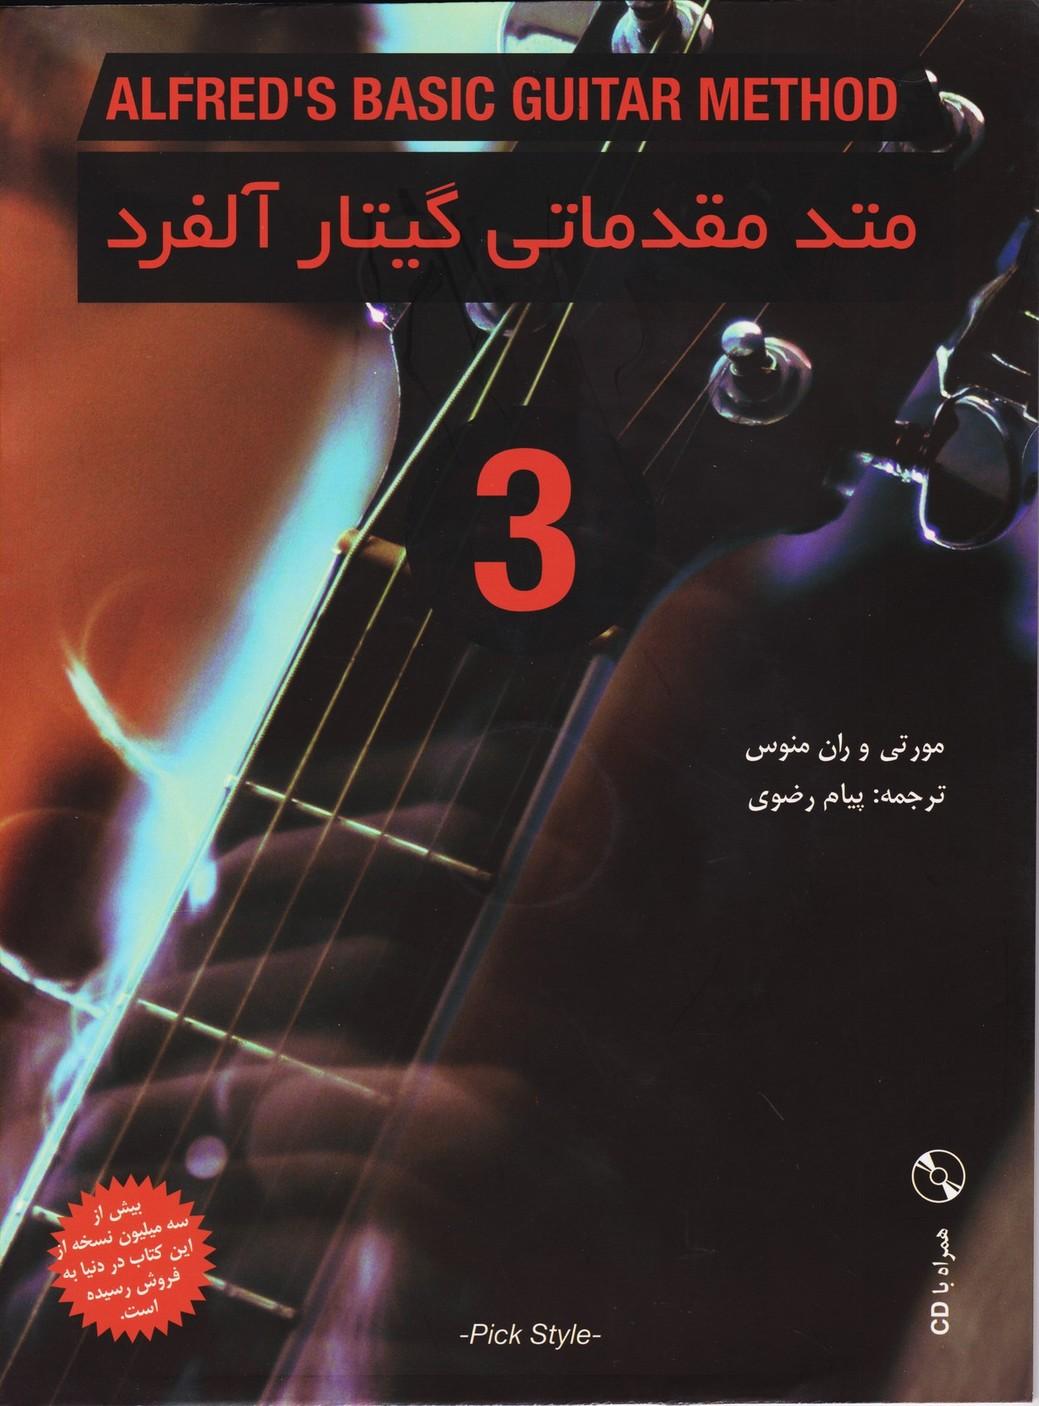 متد مقدماتی گیتار آلفرد سه